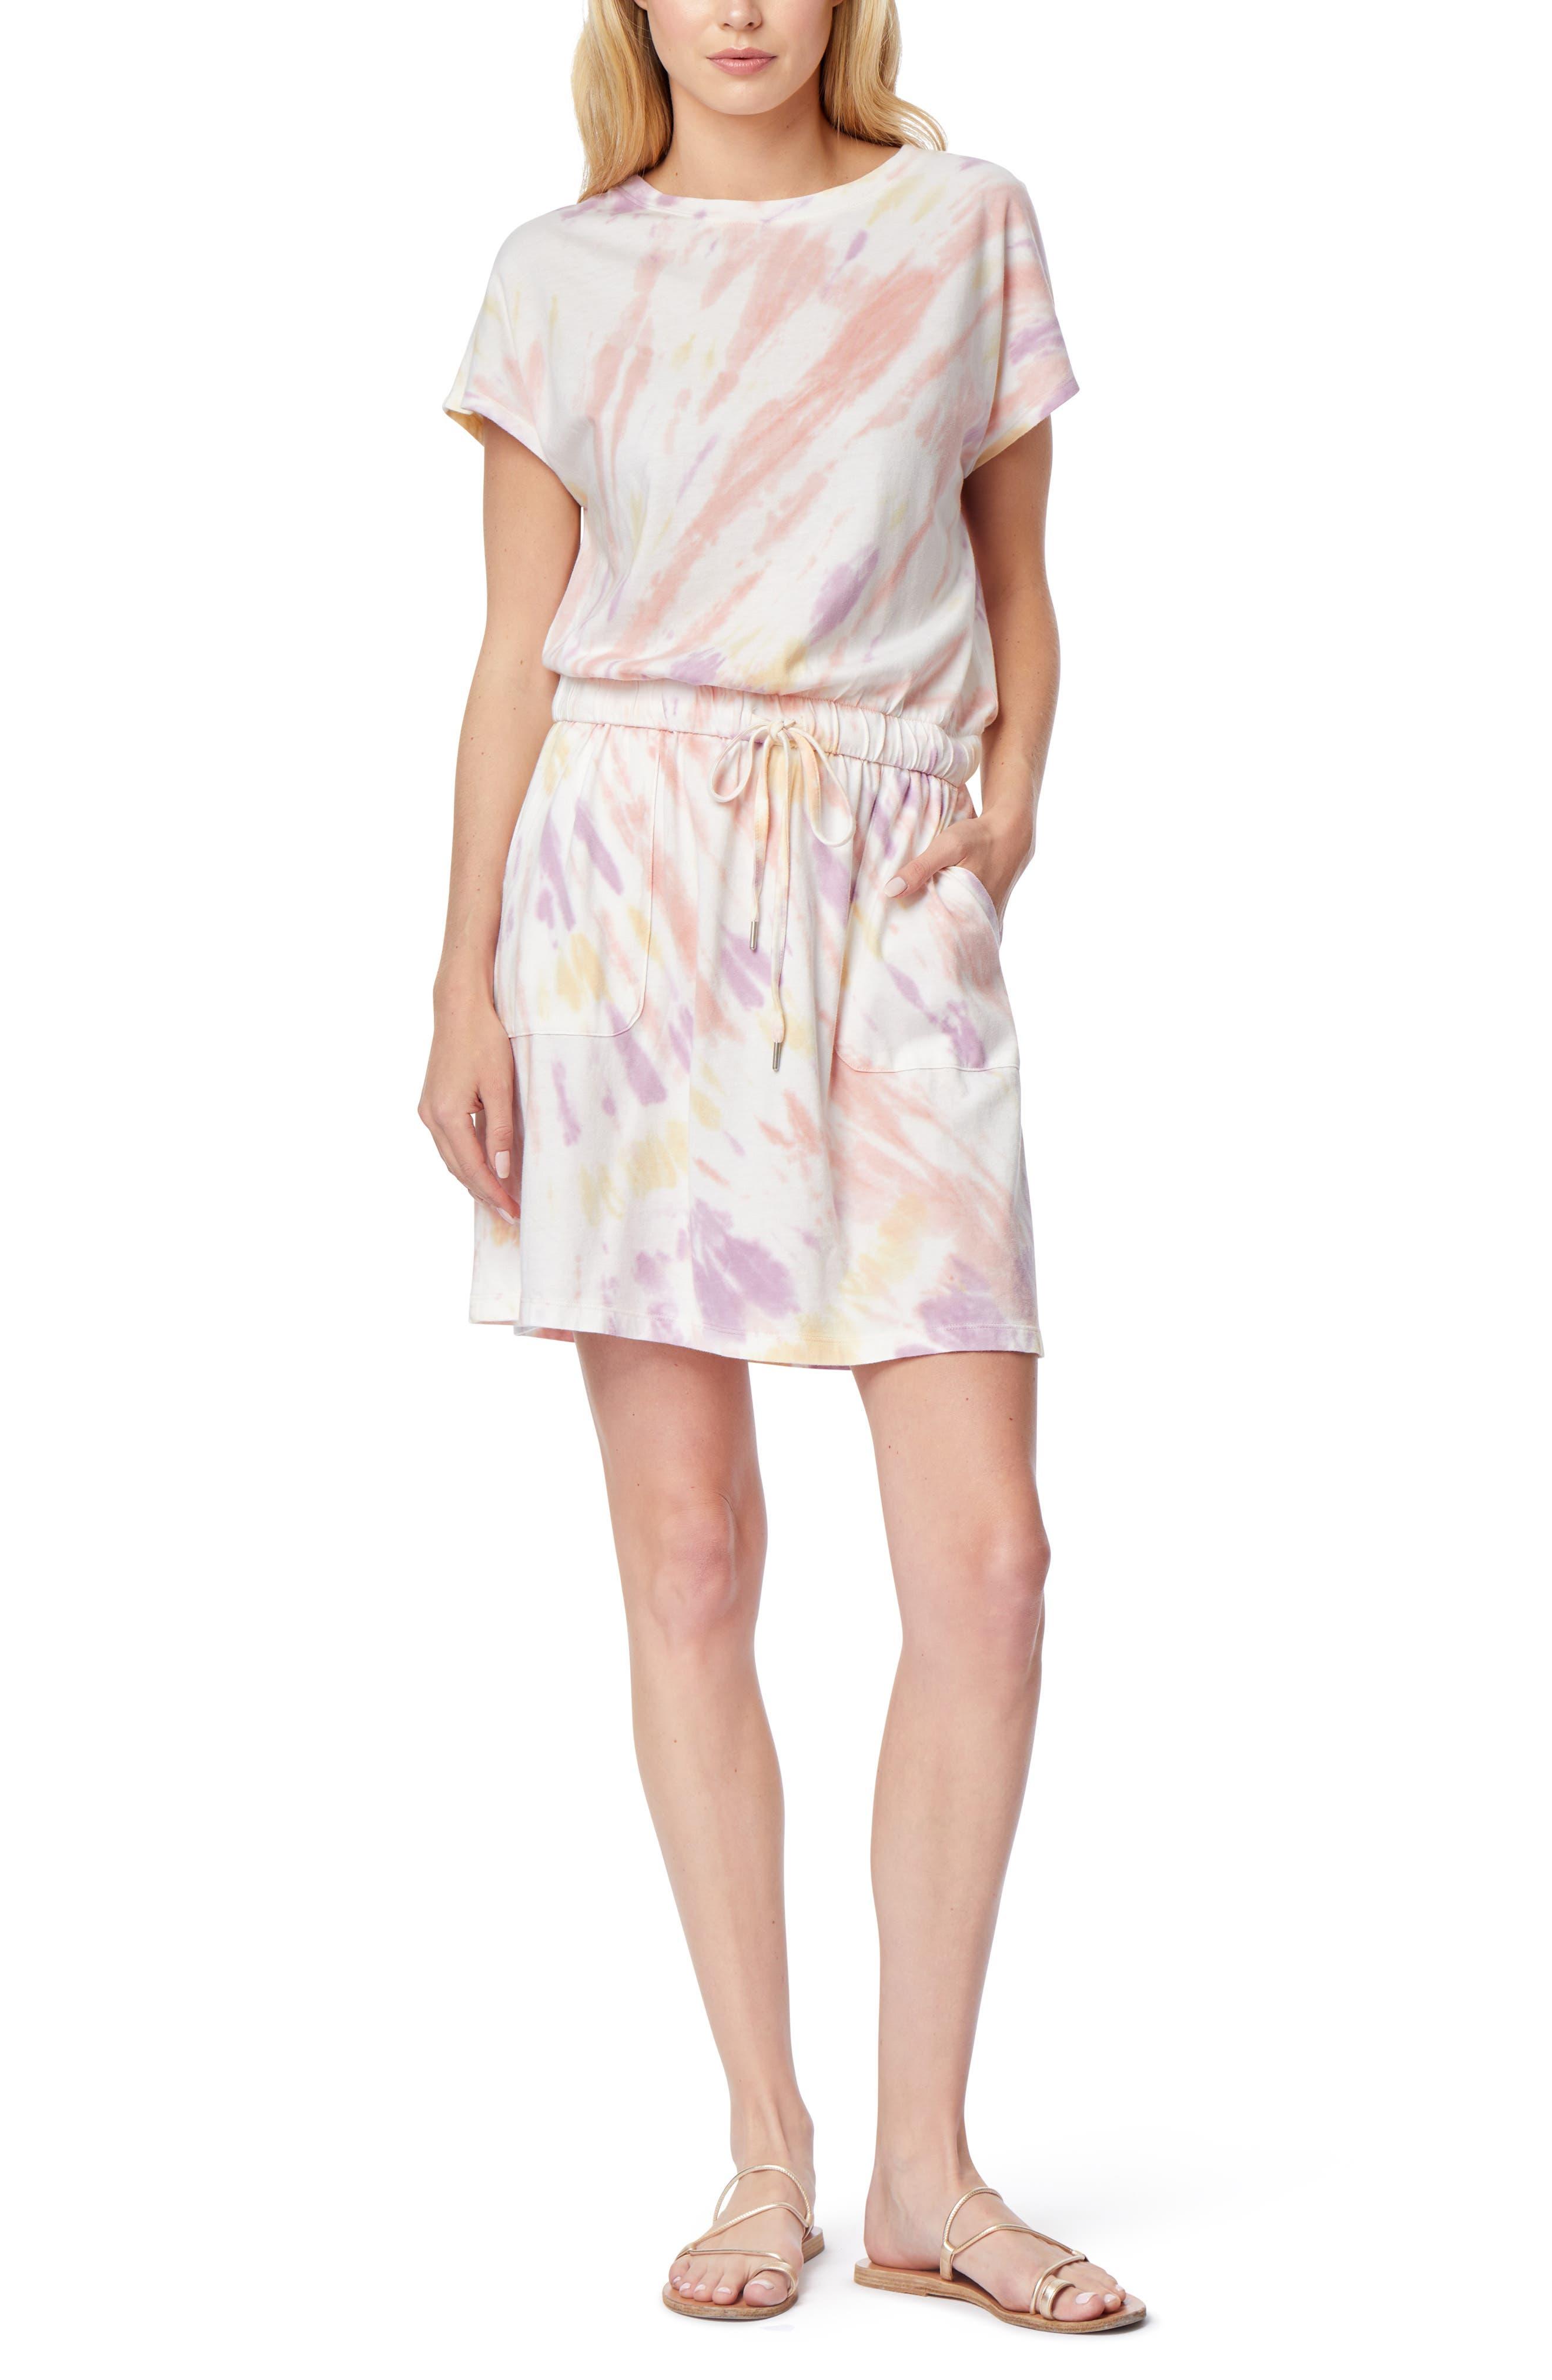 Barbara Tie Dye Dolman Sleeve Pocket Jersey Dress